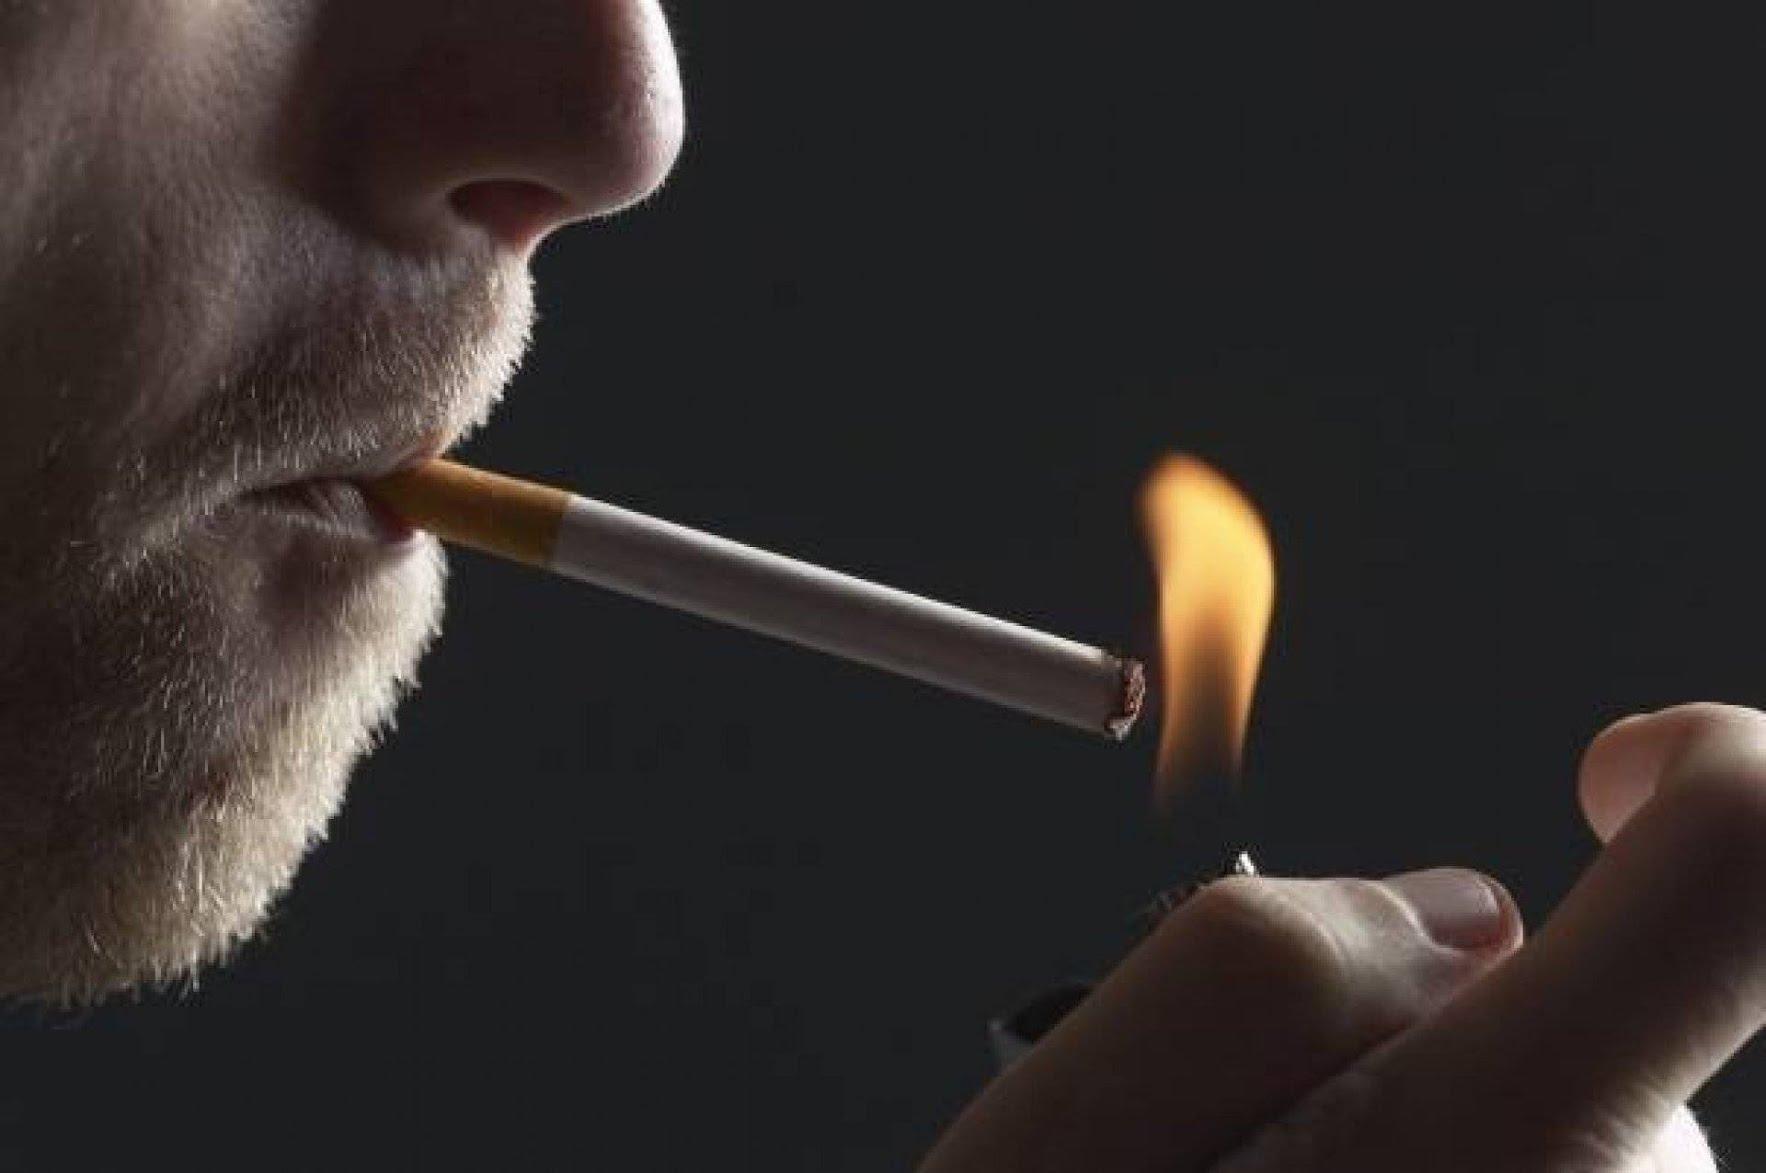 اثرات  مرگبار سیگار کشیدن بر اندامهای مختلف بدن